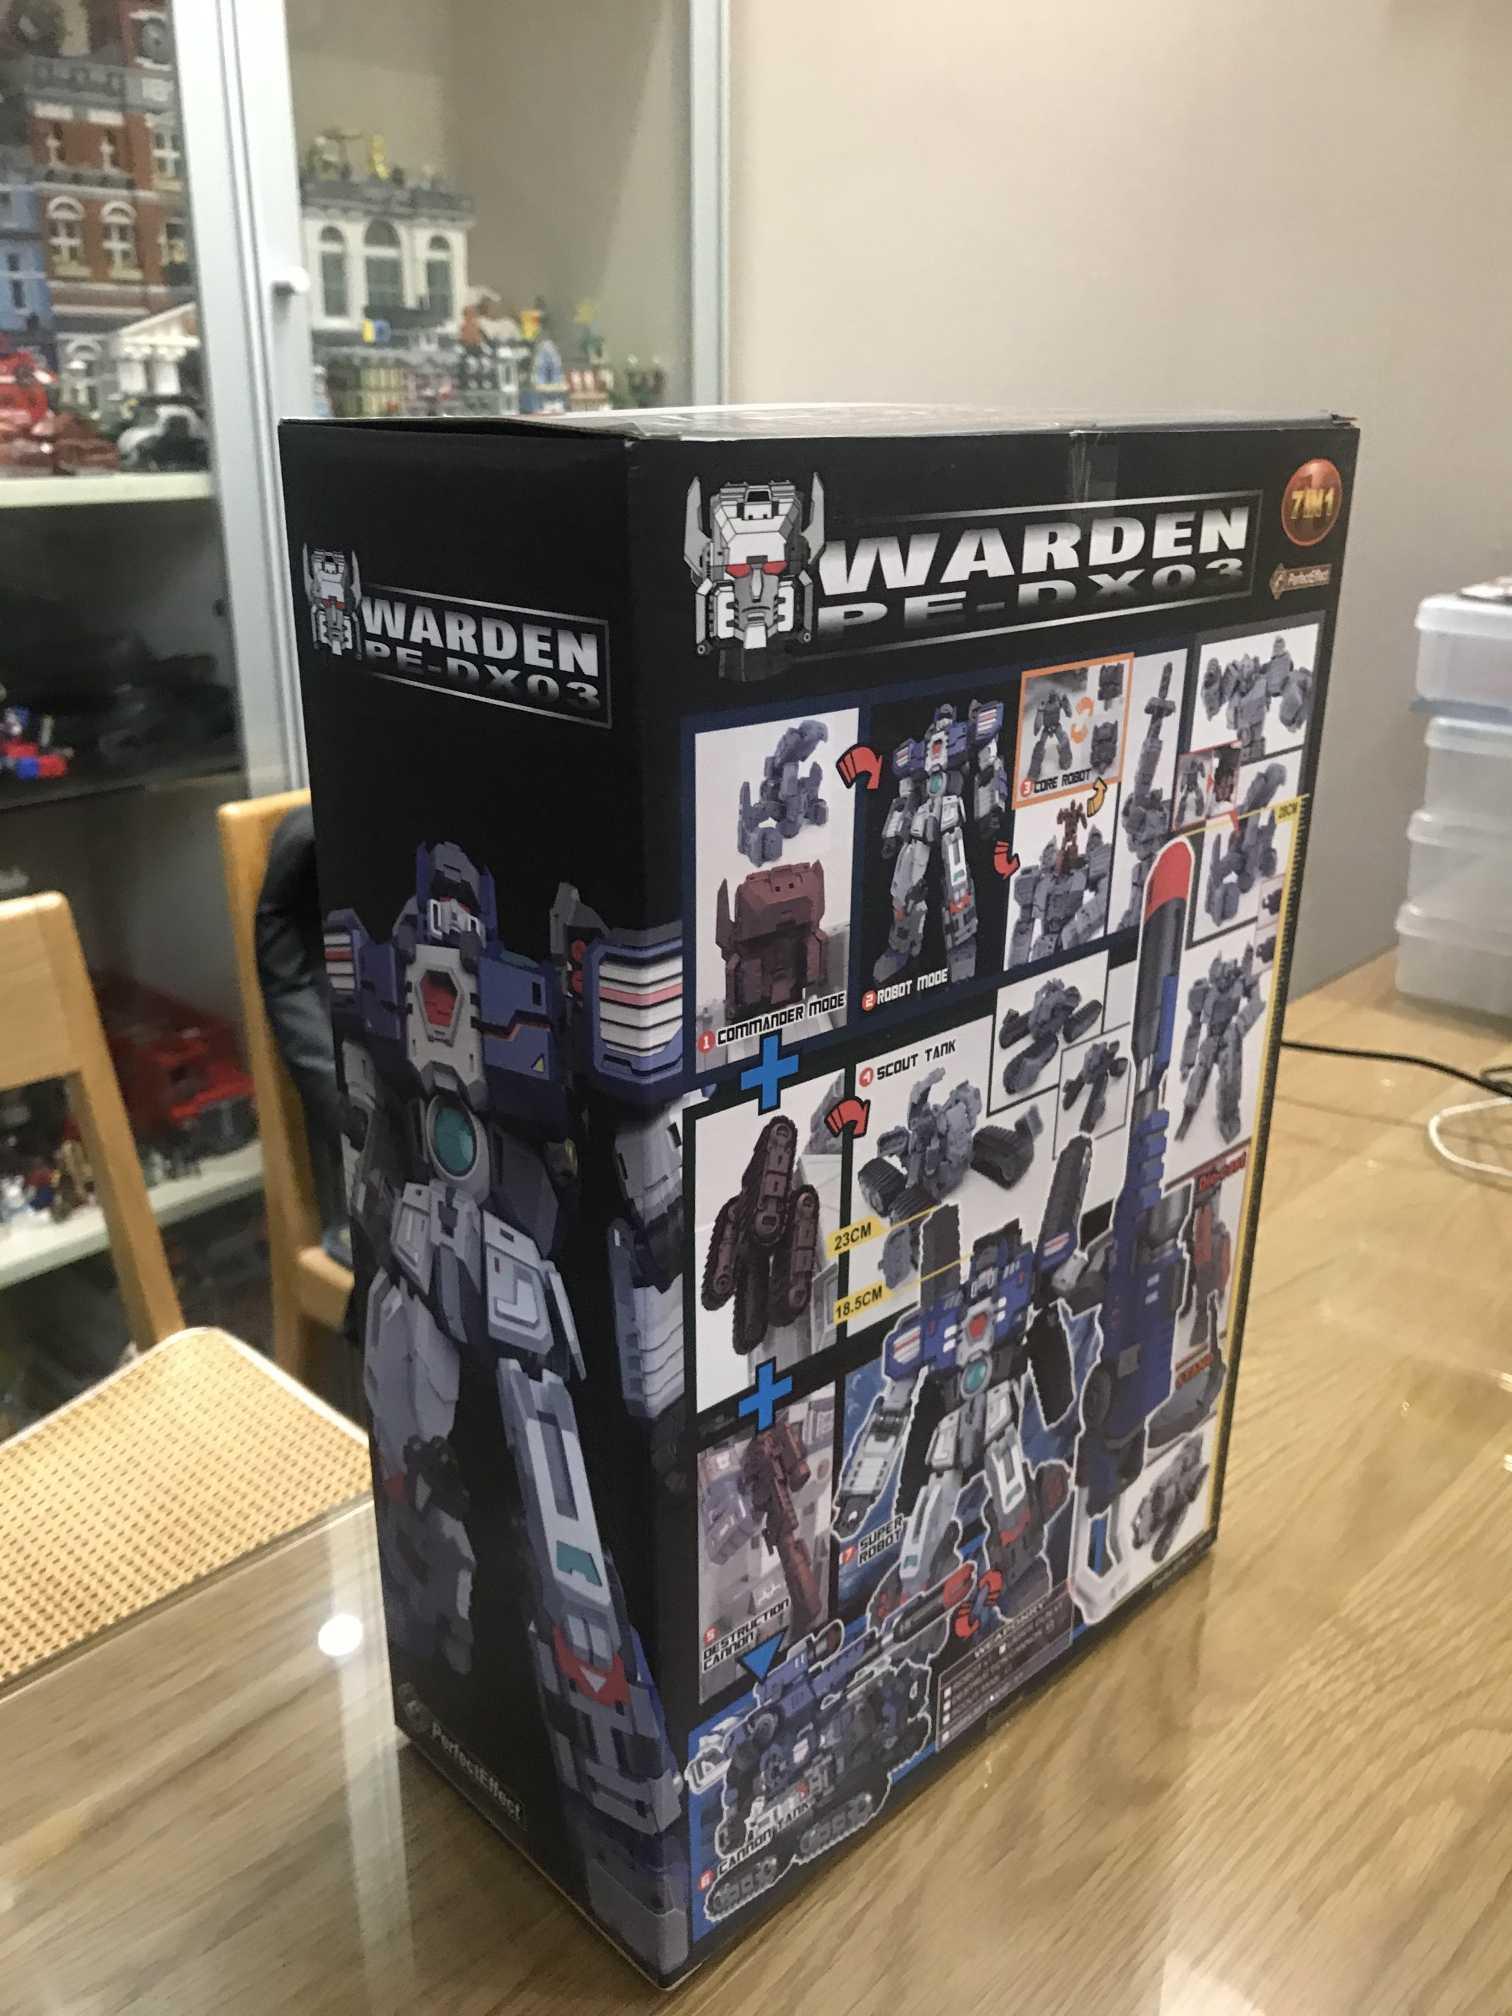 Transformacja doskonały efekt PE-DX03 Warden Fortress Maximus Vers zabawka w magazynie